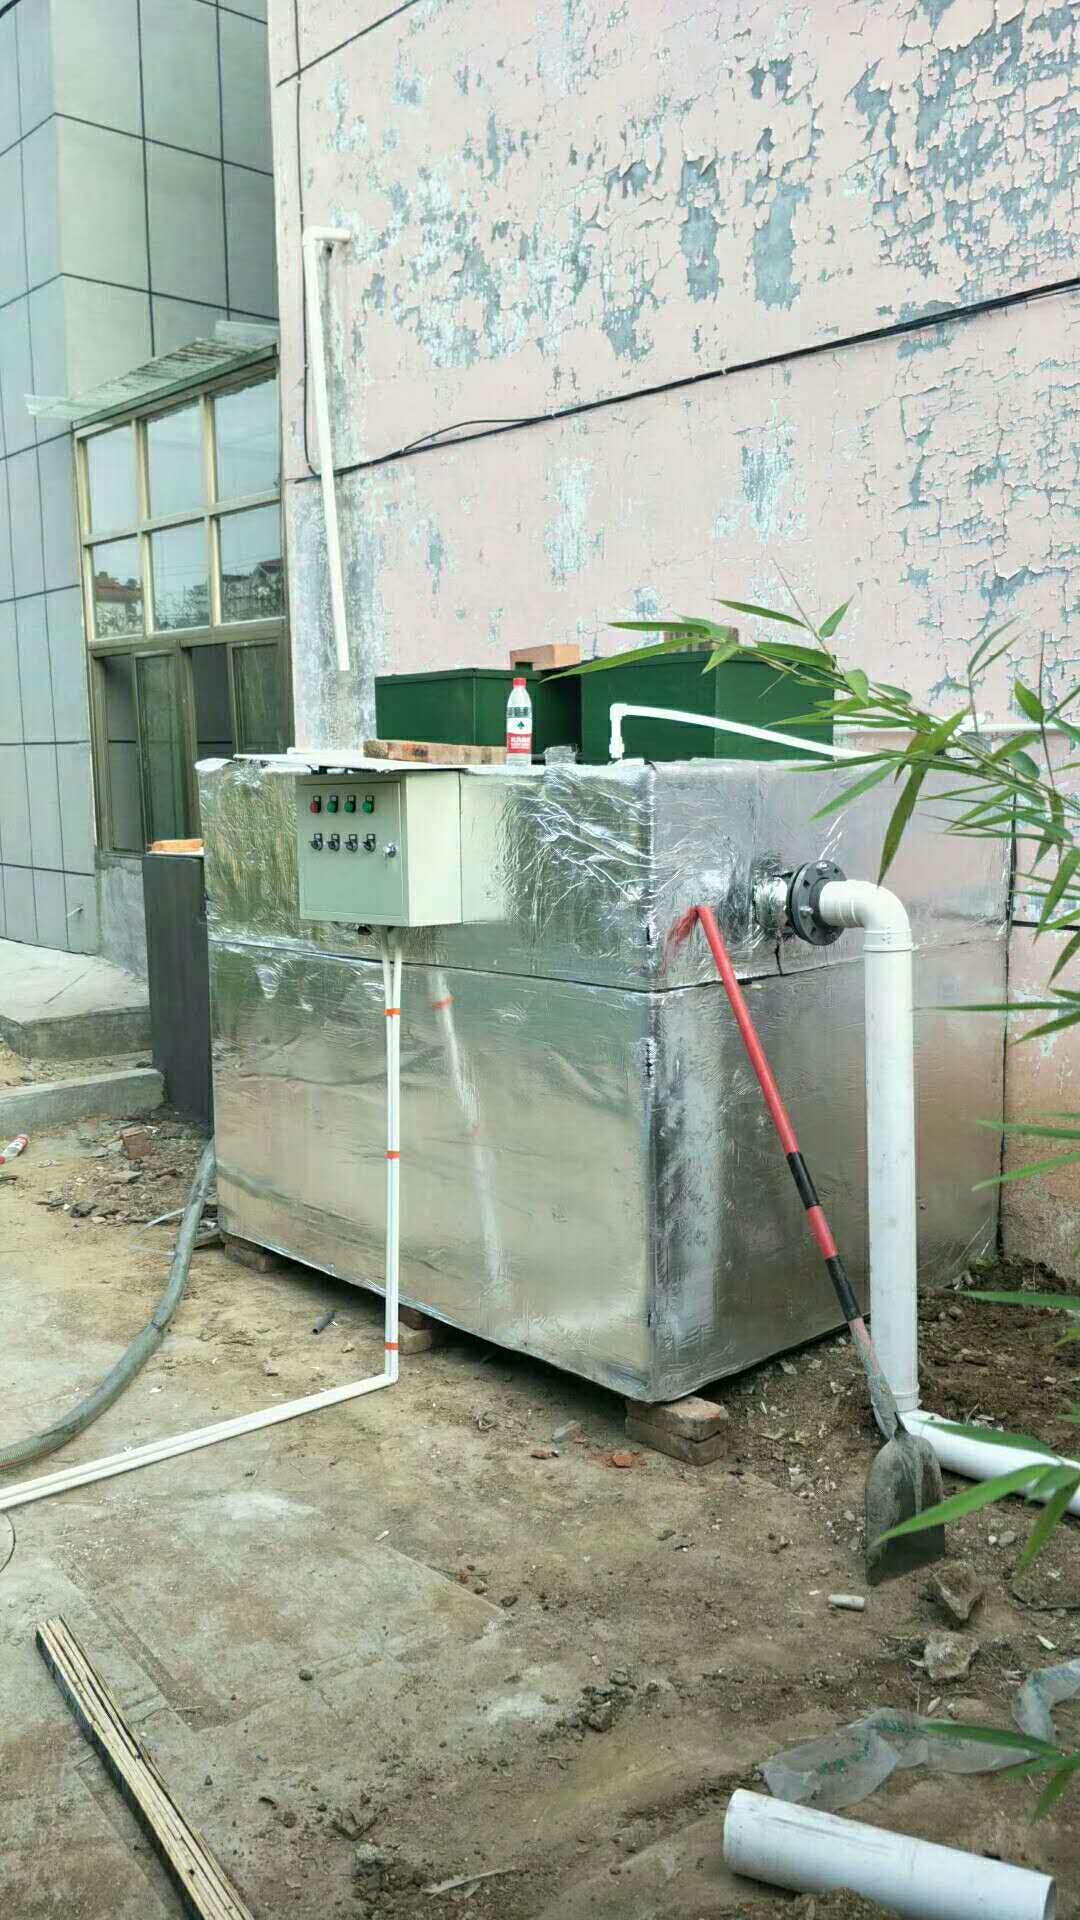 山东高品质实验室污水处理设备供应_山东实验室污水处理设备定制